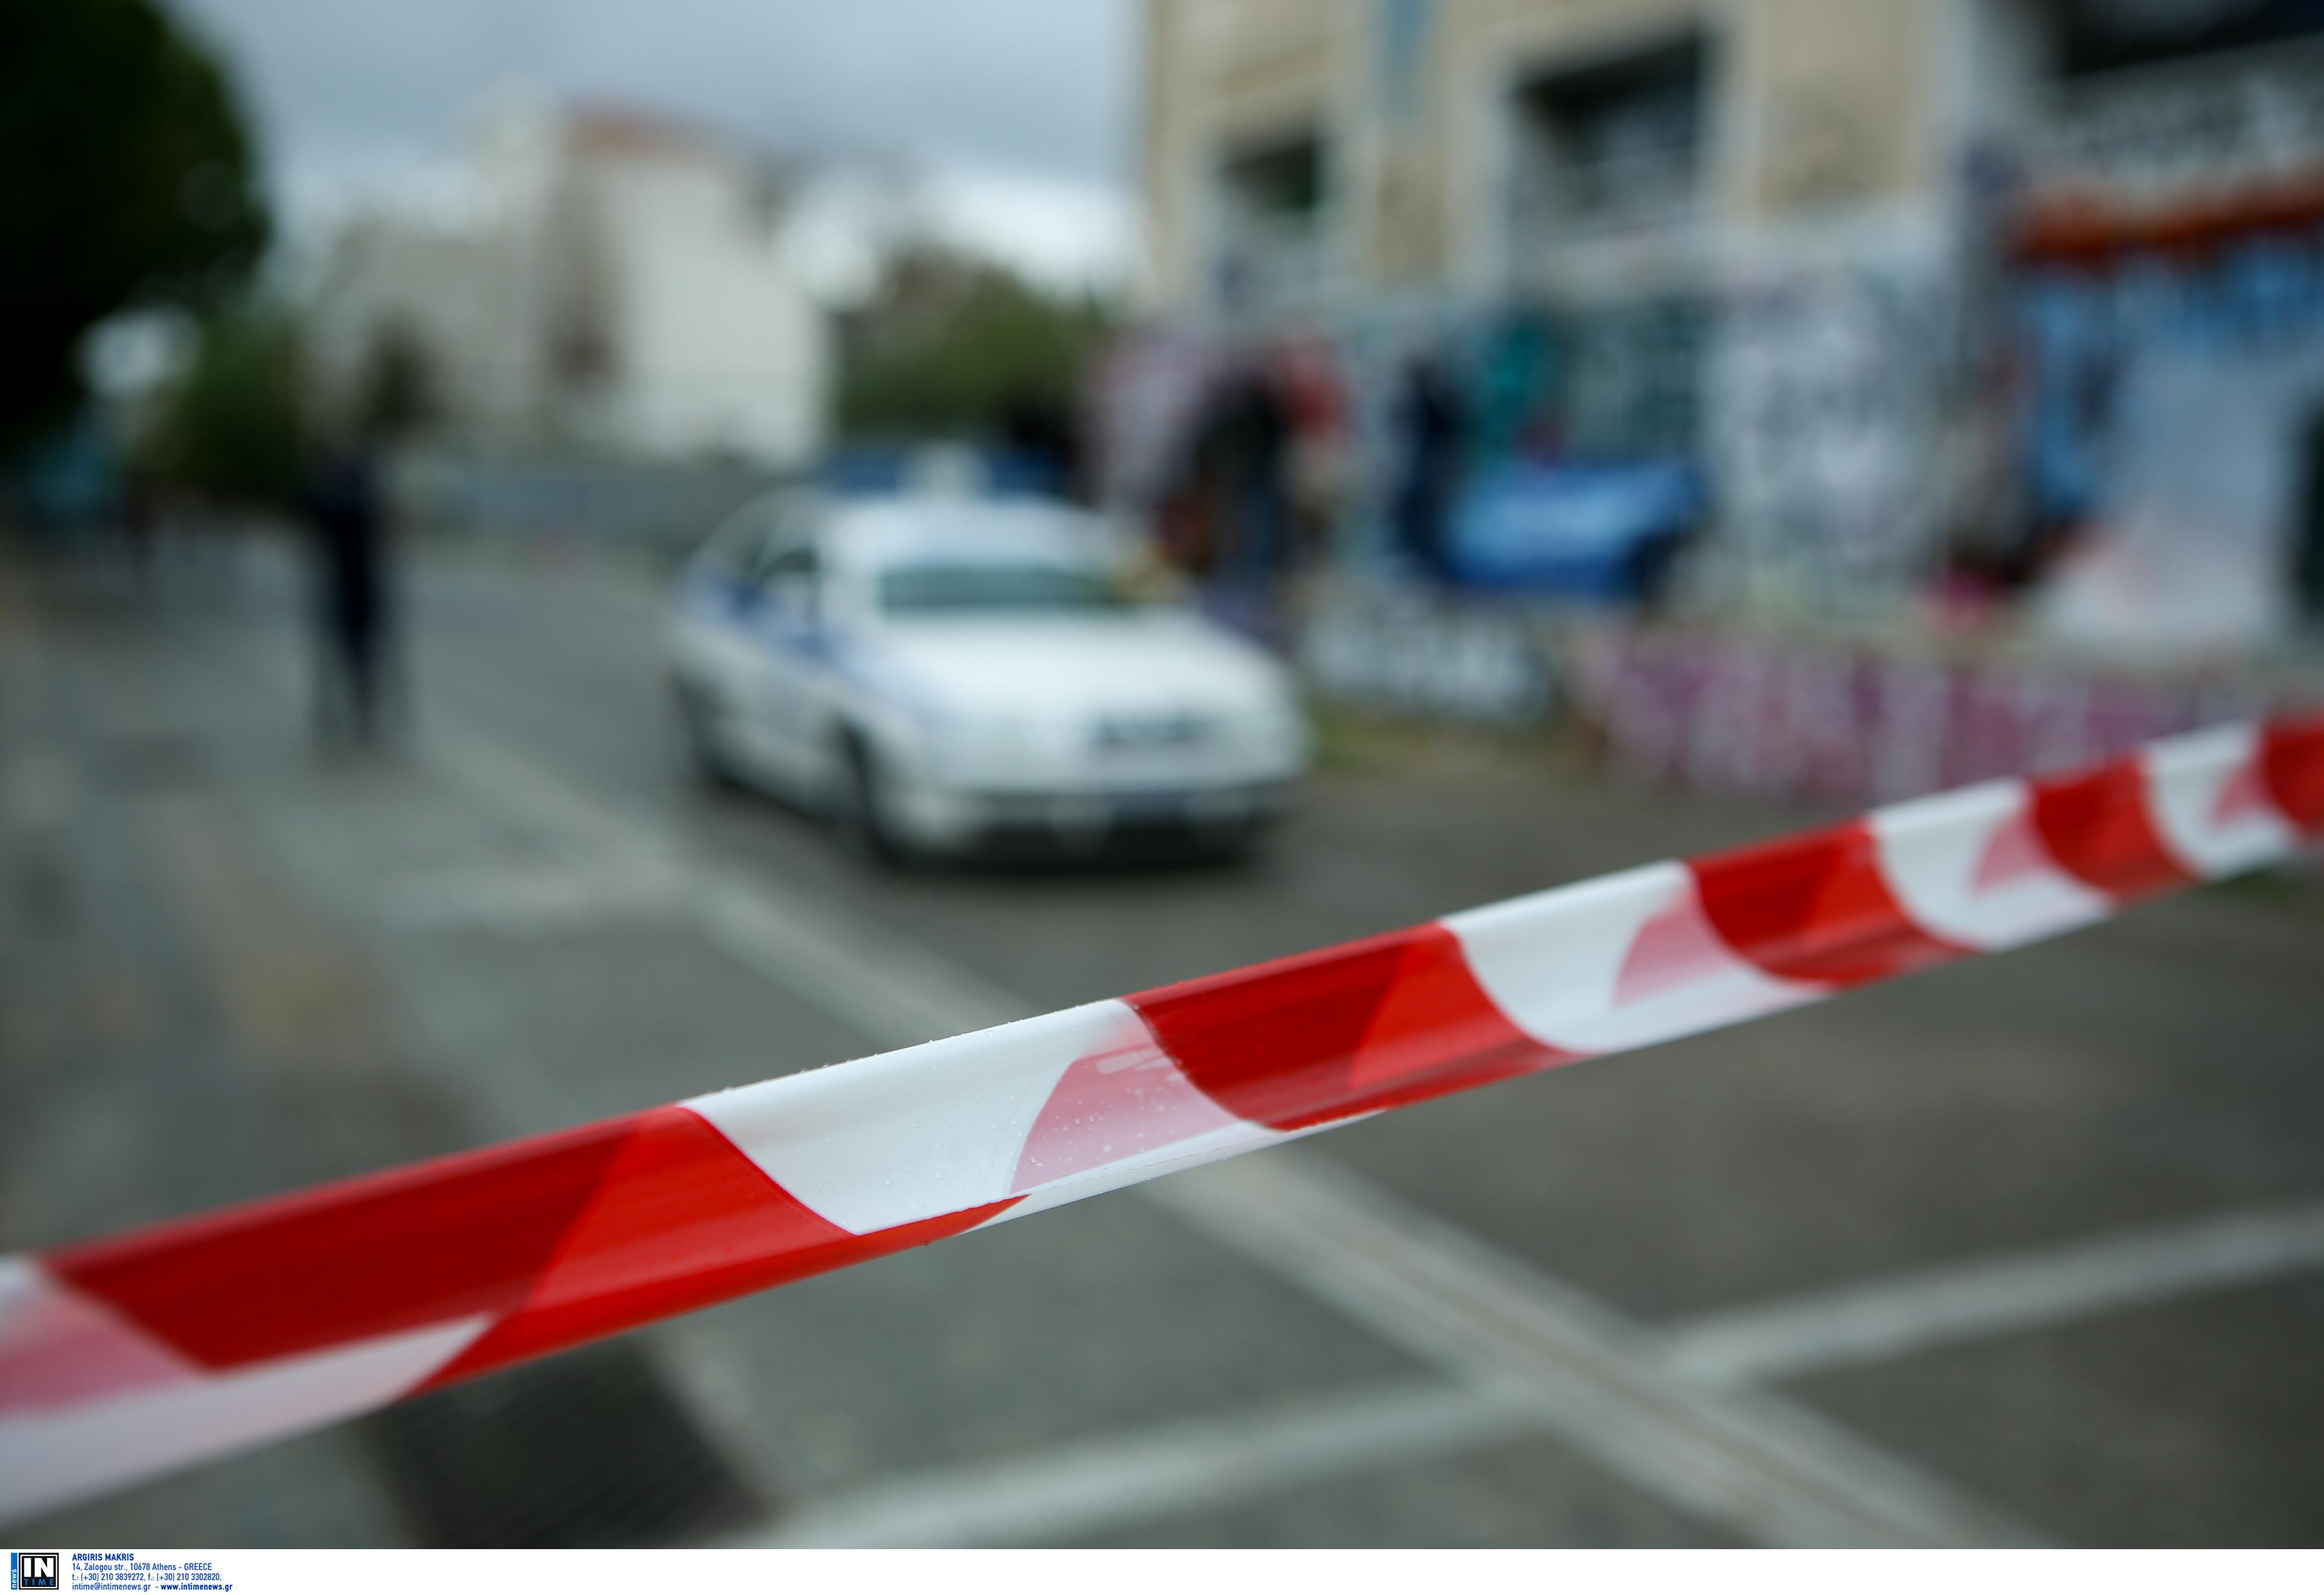 Πάτρα: Ανοίγουν κλειστά στόματα μετά τη δολοφονία στο φανοποιείο αυτοκινήτων! Οι σχέσεις δράστη και θύματος